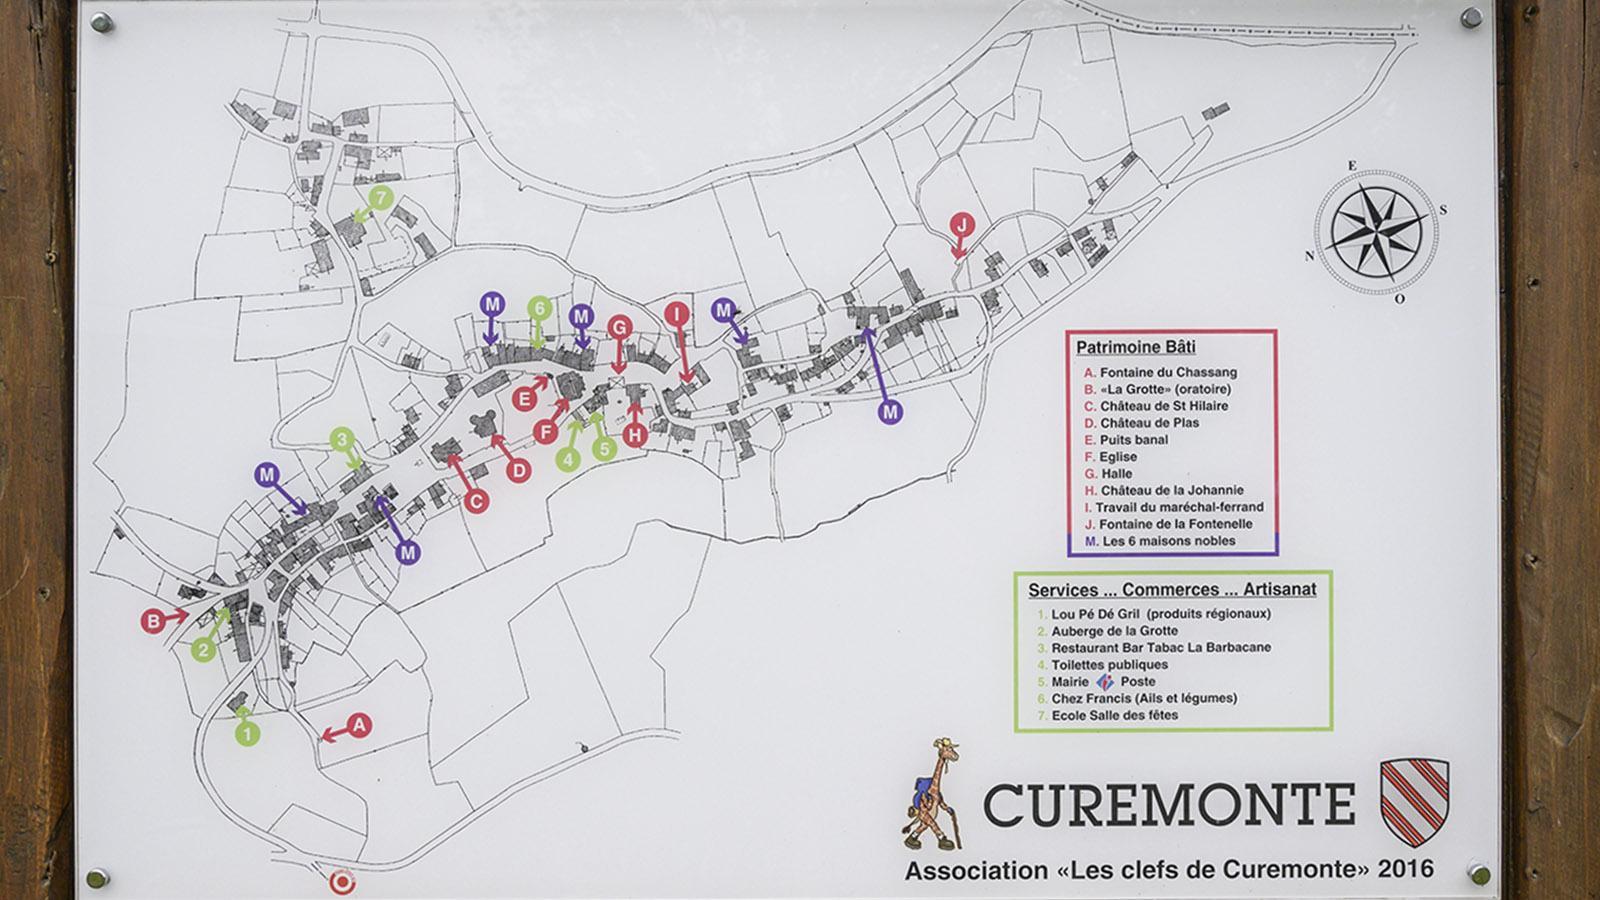 Auf dieser Karte stellt der Verein <em>Les Clefs de Curemonte</em> neben dem Bauerbe auch die Künstlerateliers, Geschäfte und Lokale vor. Copyright: <em>Les Clefs de Curemonte</em>